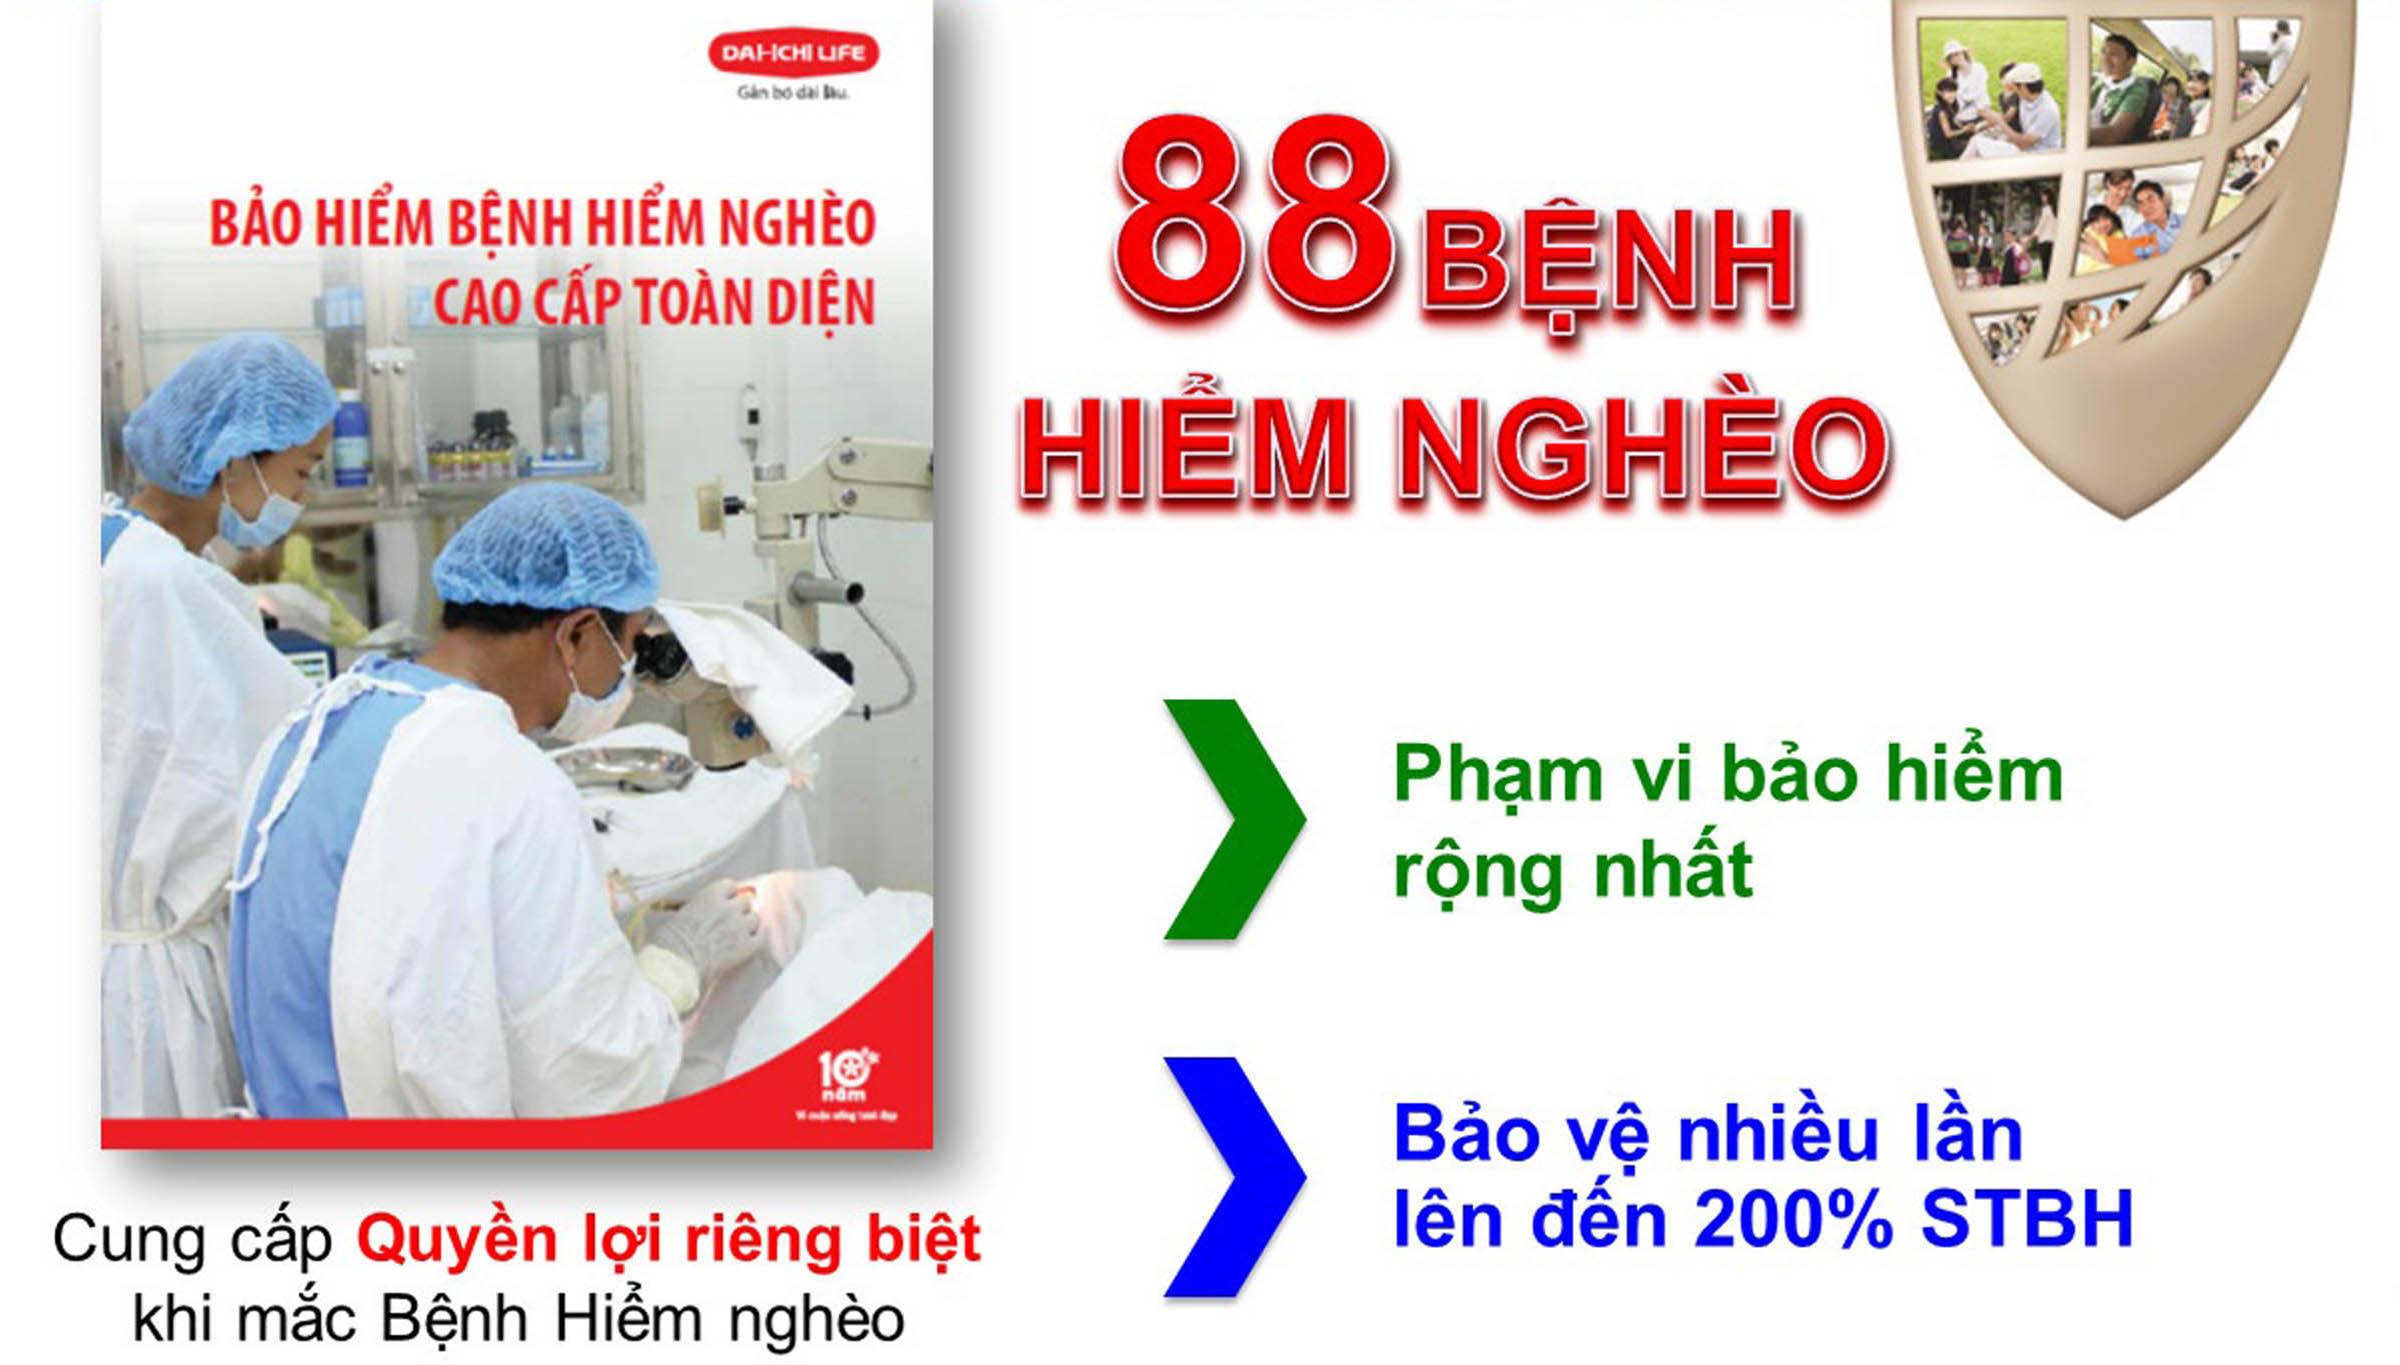 Quyền lợi sản phẩm bảo hiểm bệnh hiểm nghèo